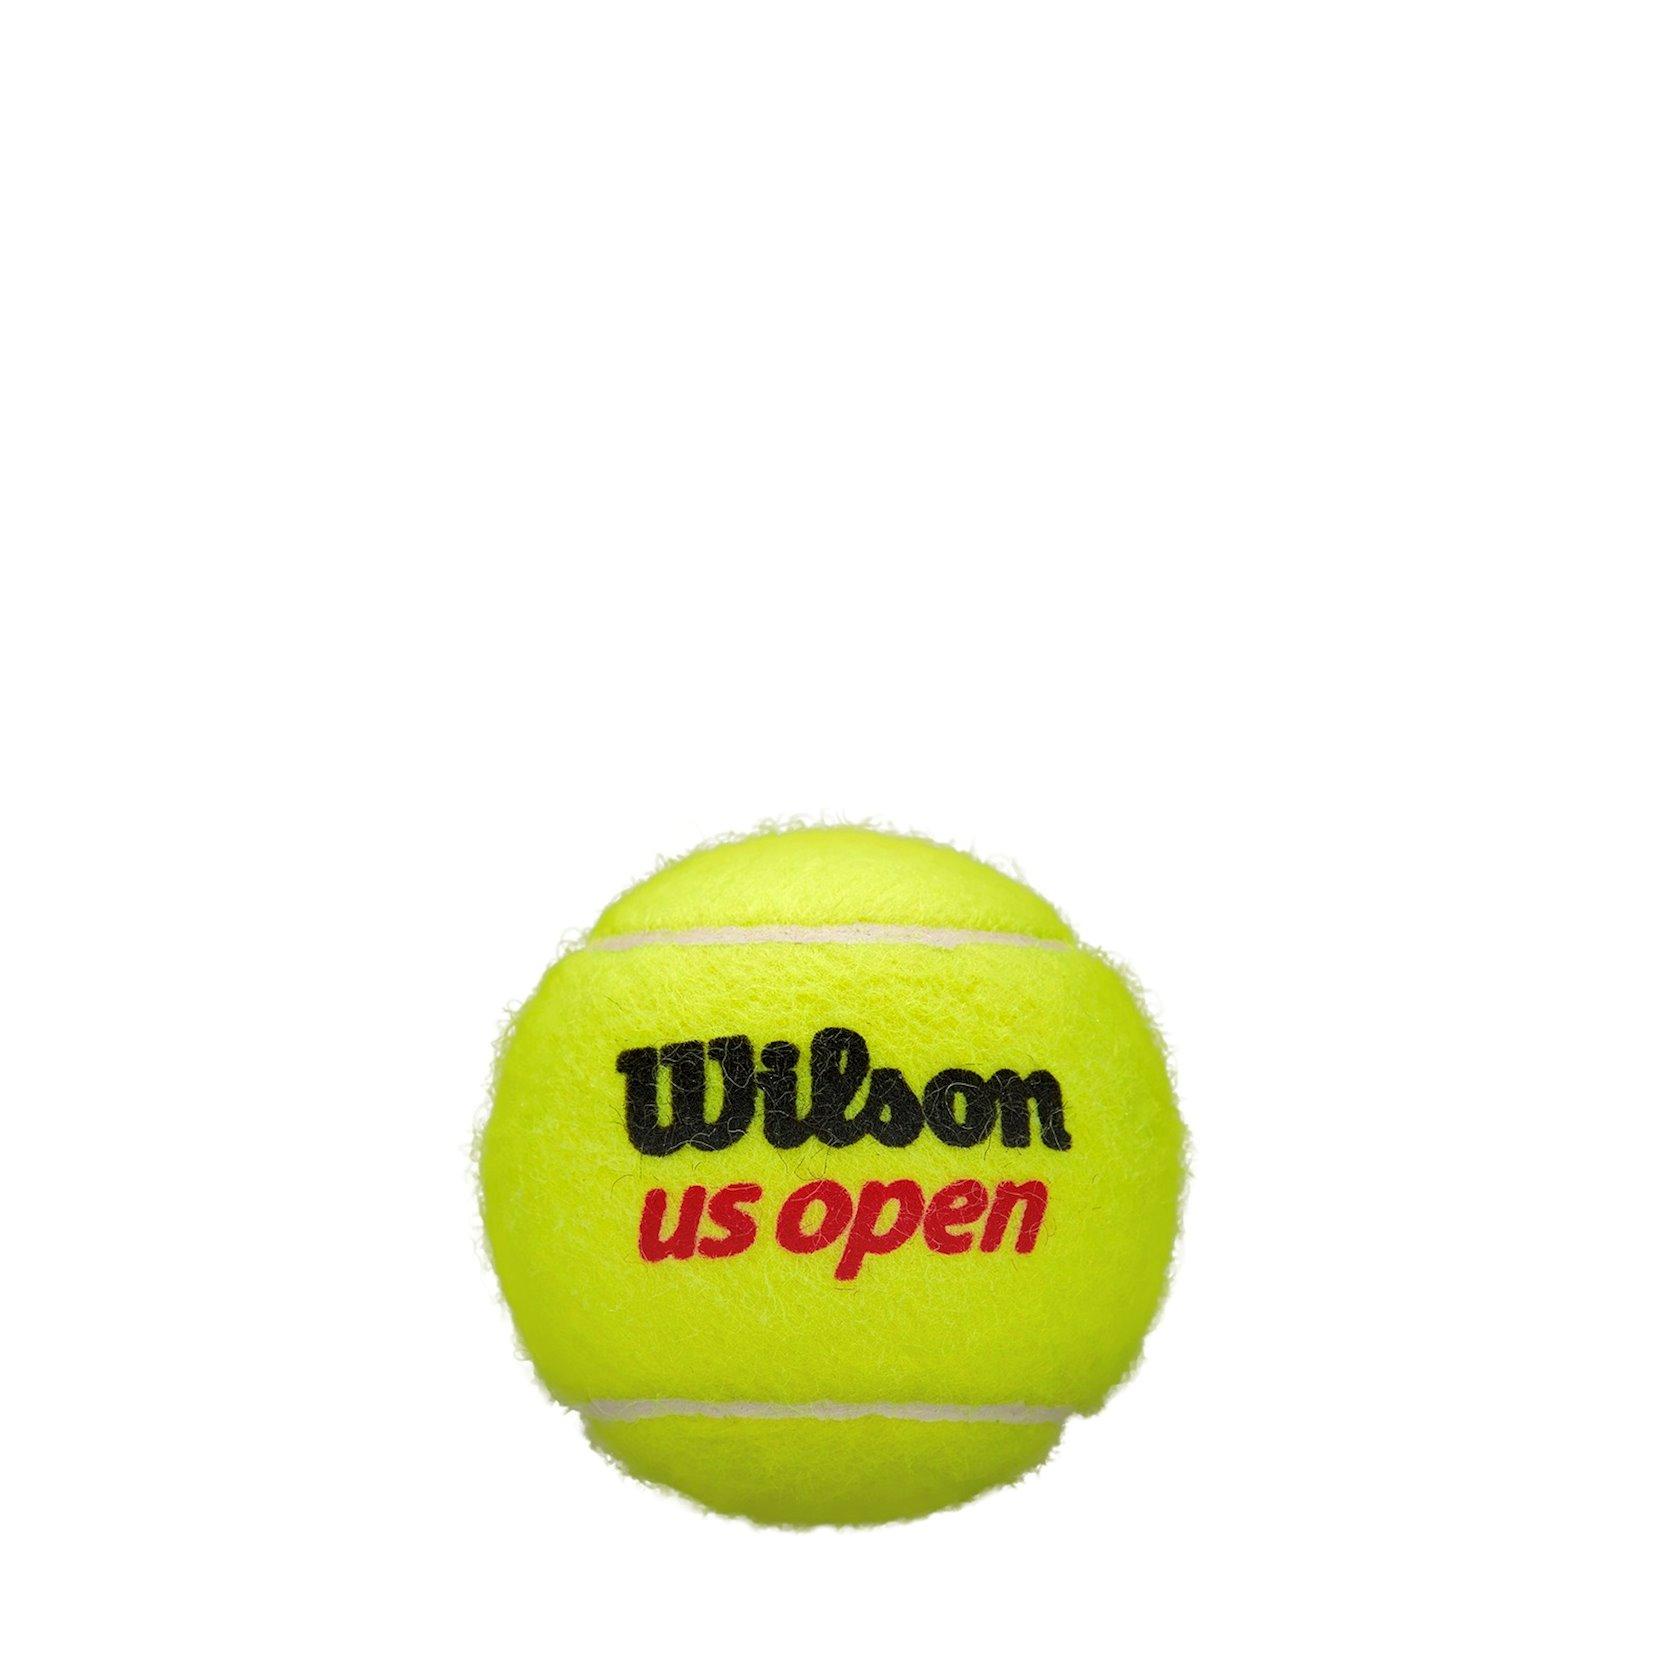 """Böyük tennis üçün top dəsti Wilson 1196303 """"US Open"""", 4 əd, sarı"""